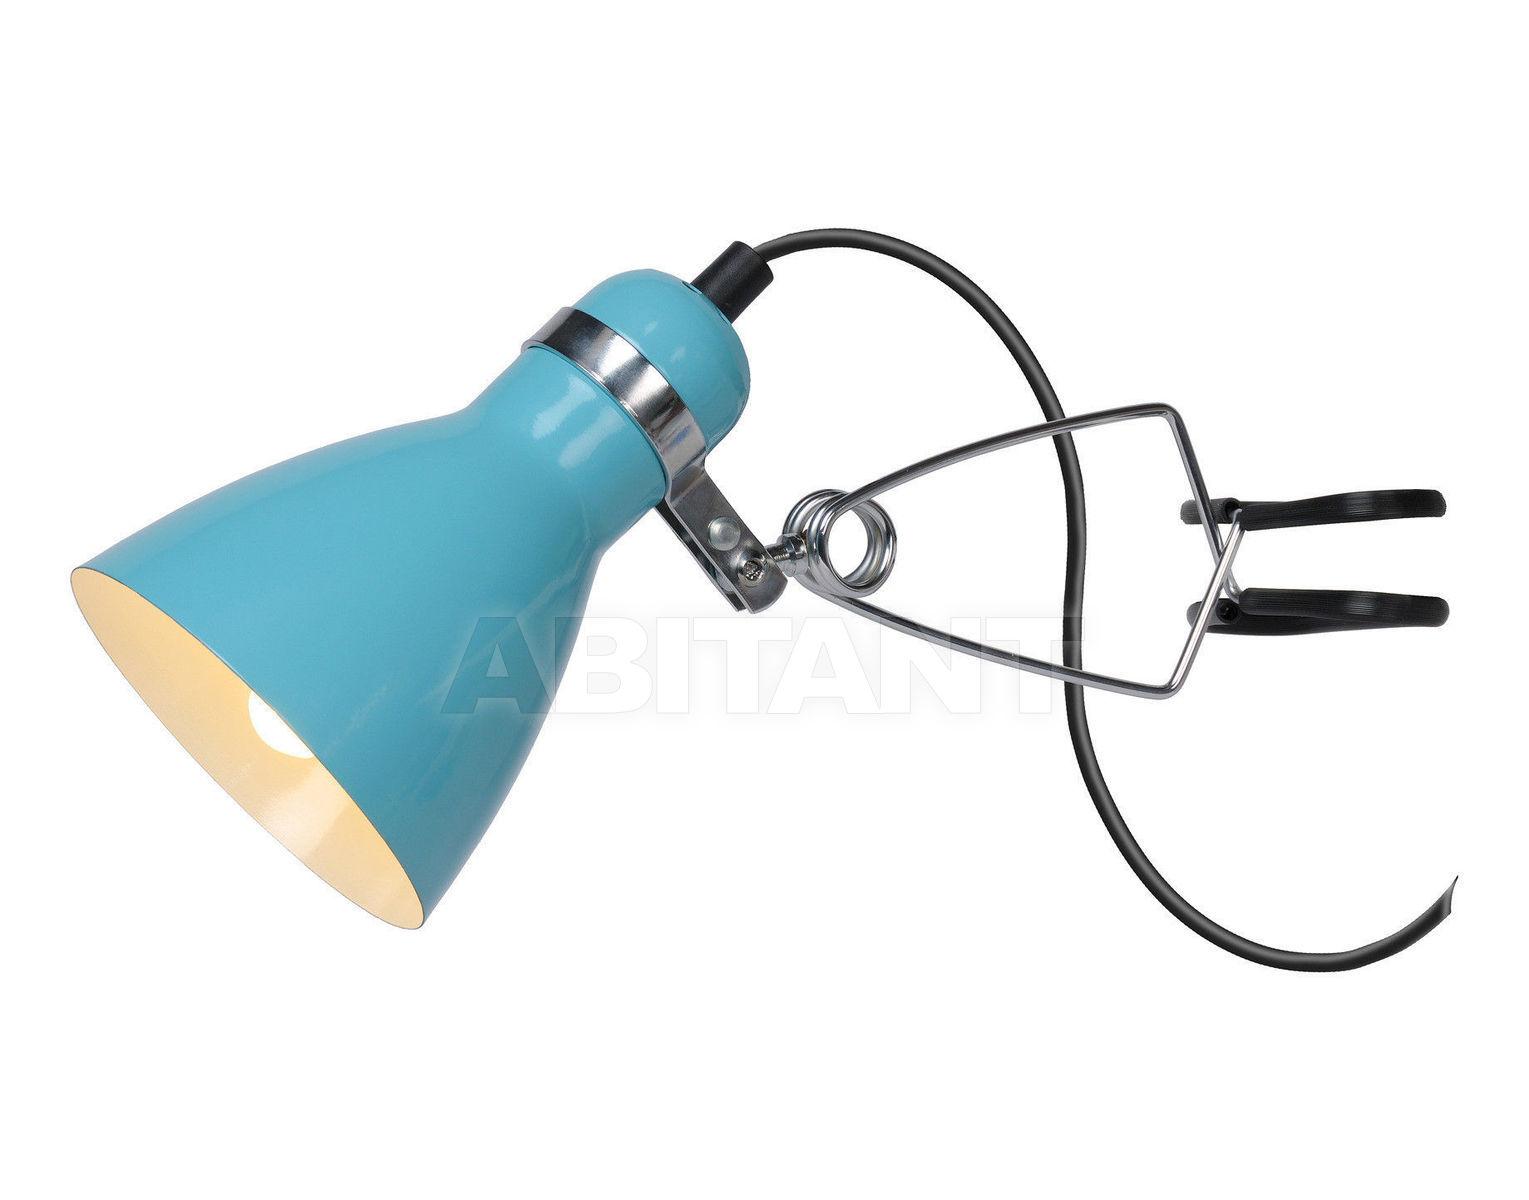 Купить Светильник для детской KLIPPY Lucide  Kids 18611/71/37